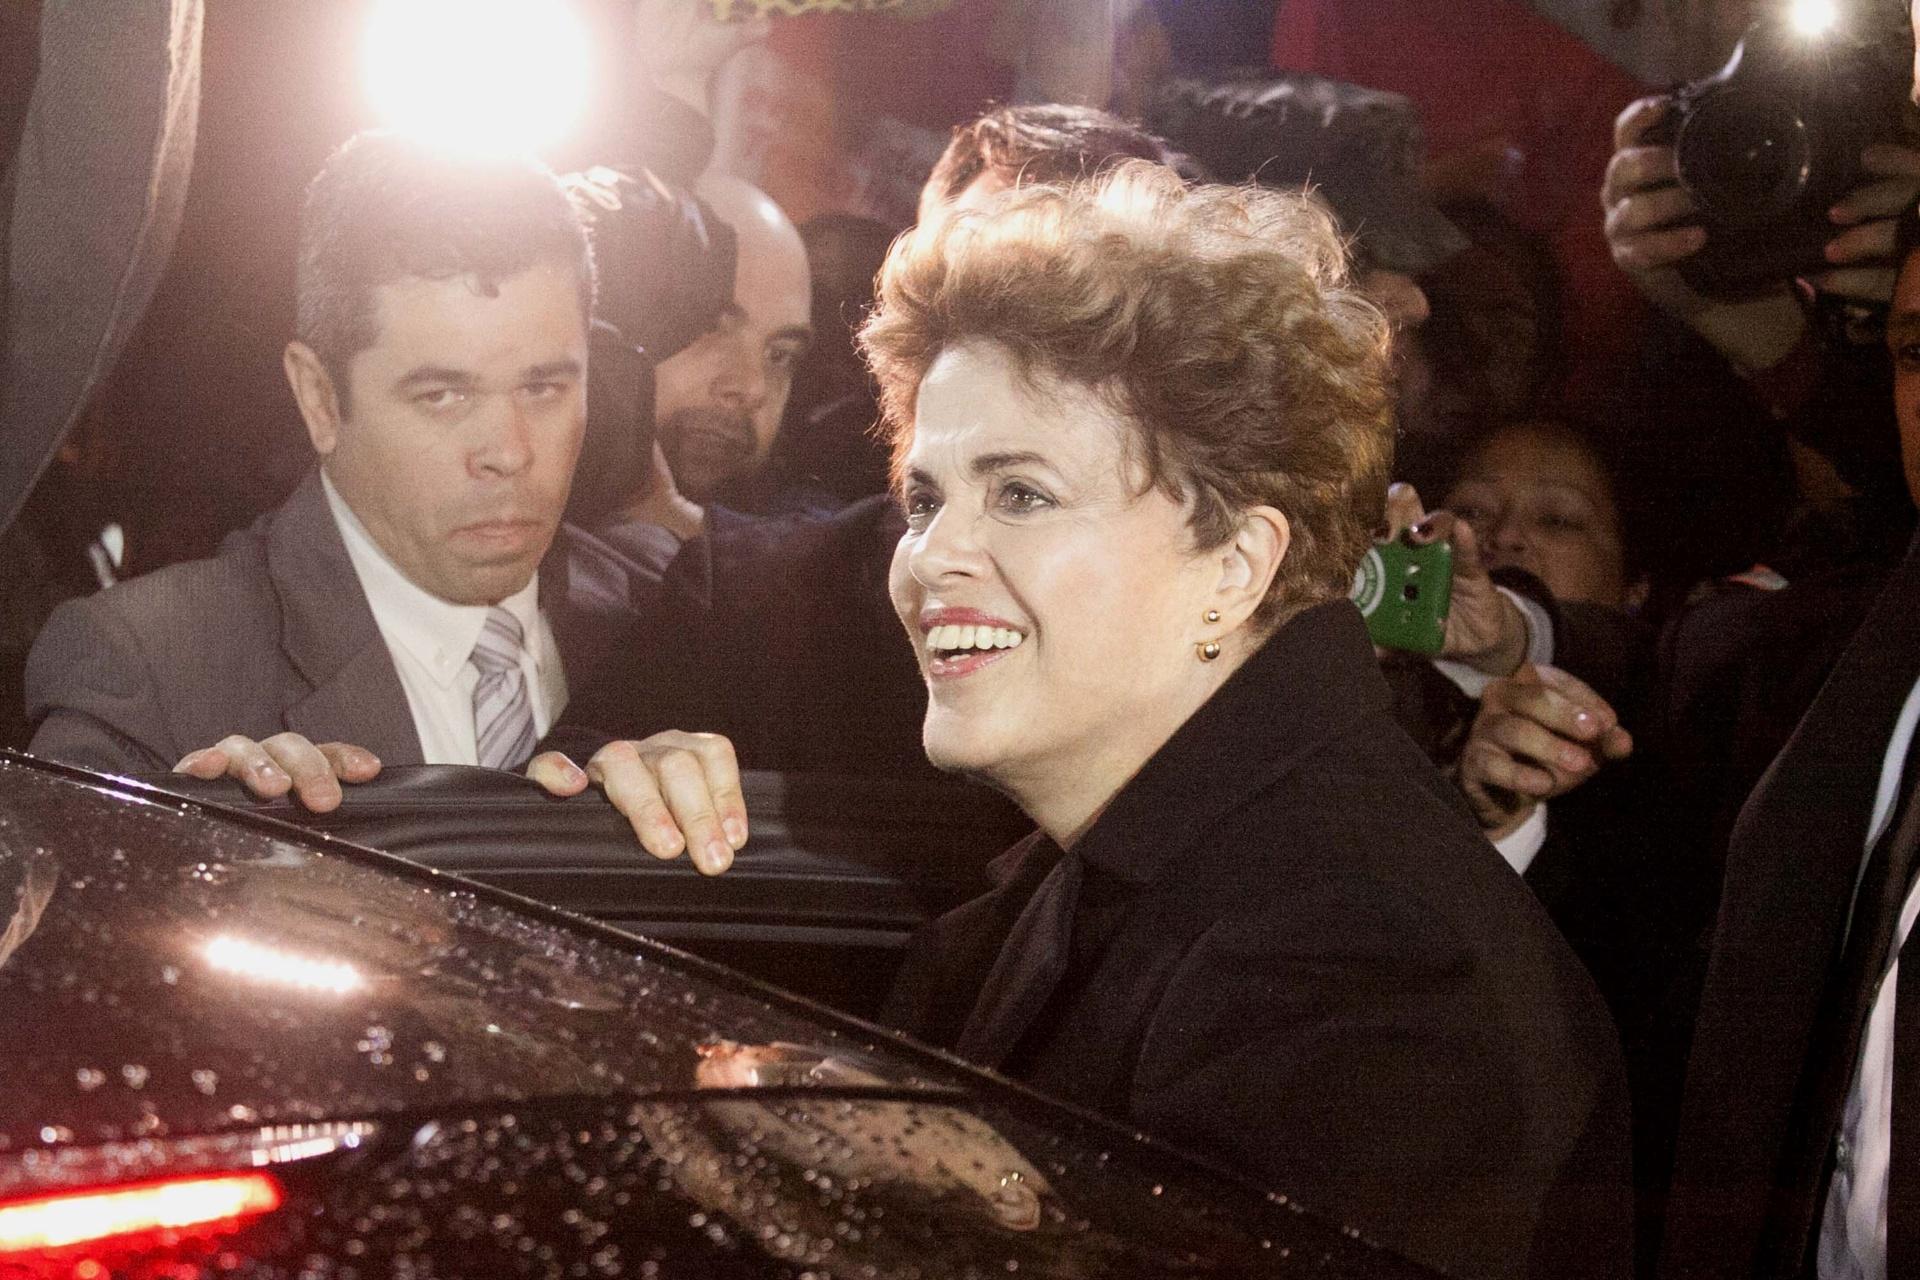 06.set.2016 - A ex presidente do Brasil, Dilma Rousseff é recebida por manifestantes e apoiadores na Base Aérea de Canoas (RS), nesta terça-feira (06). Dilma segue para a residência da família em Porto Alegre (RS), após ser afastada do cargo por um processo de impeachment